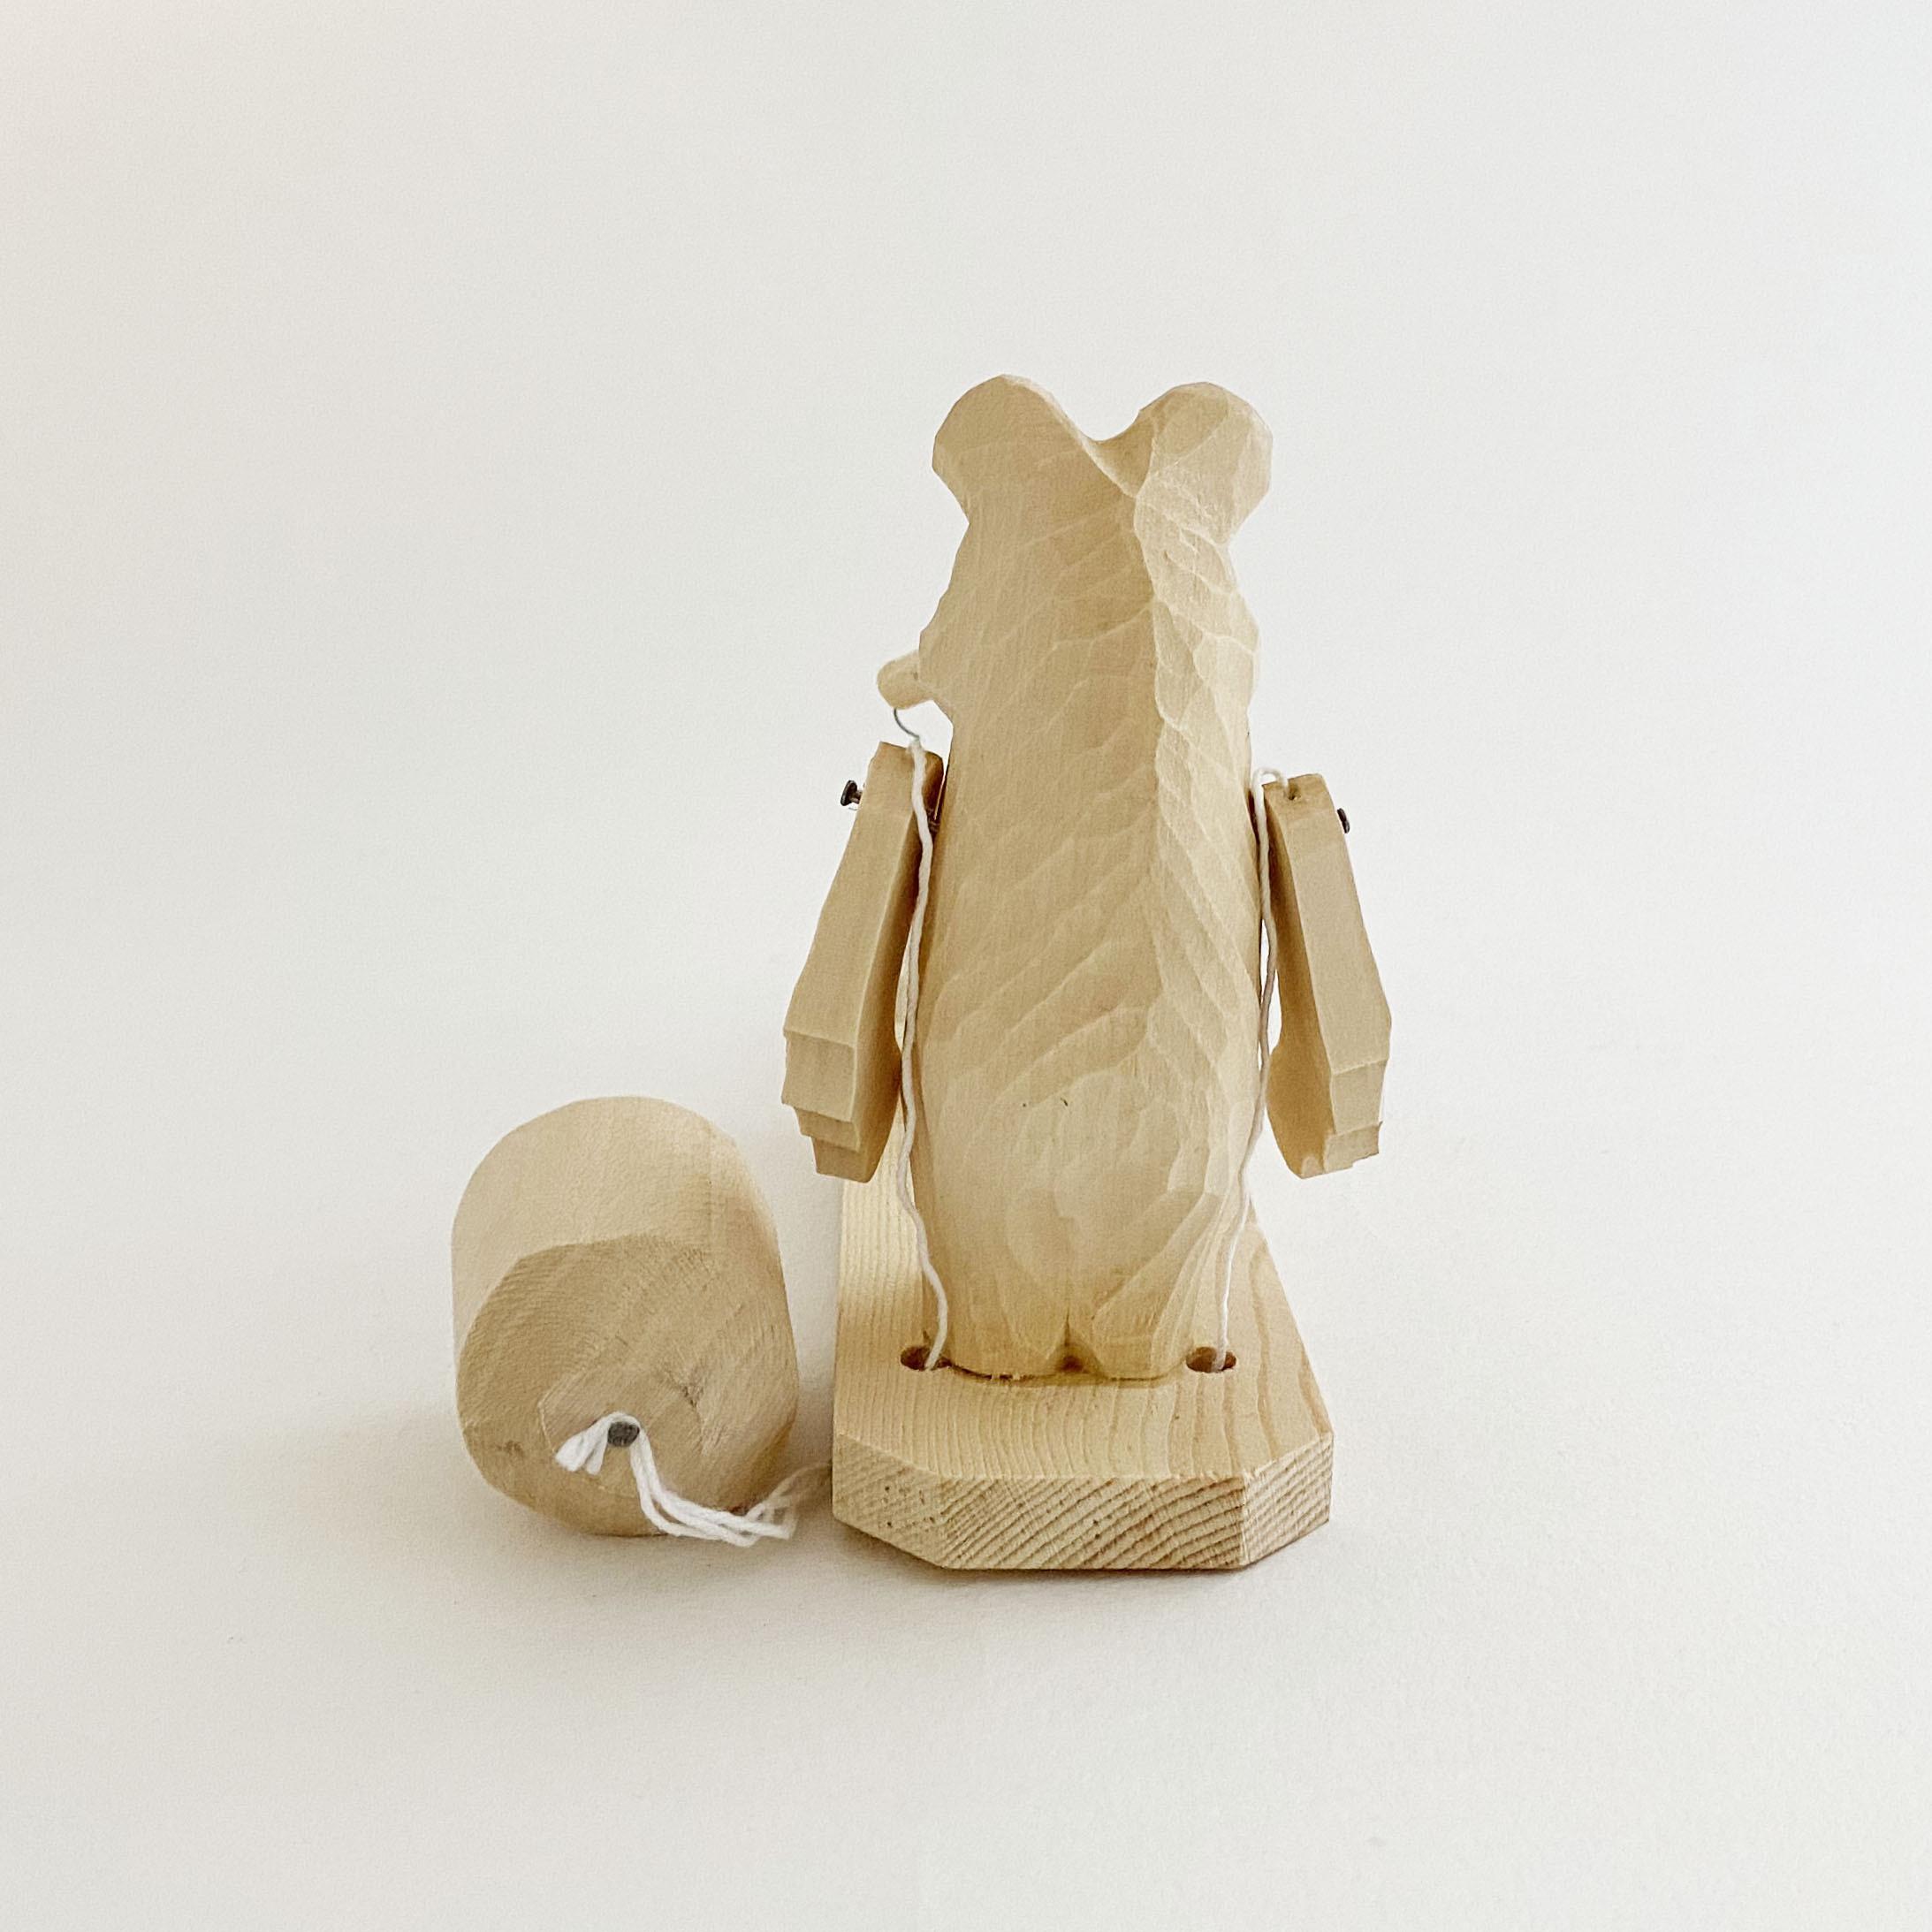 ボゴロツコエ木地玩具「クマの養蜂家」